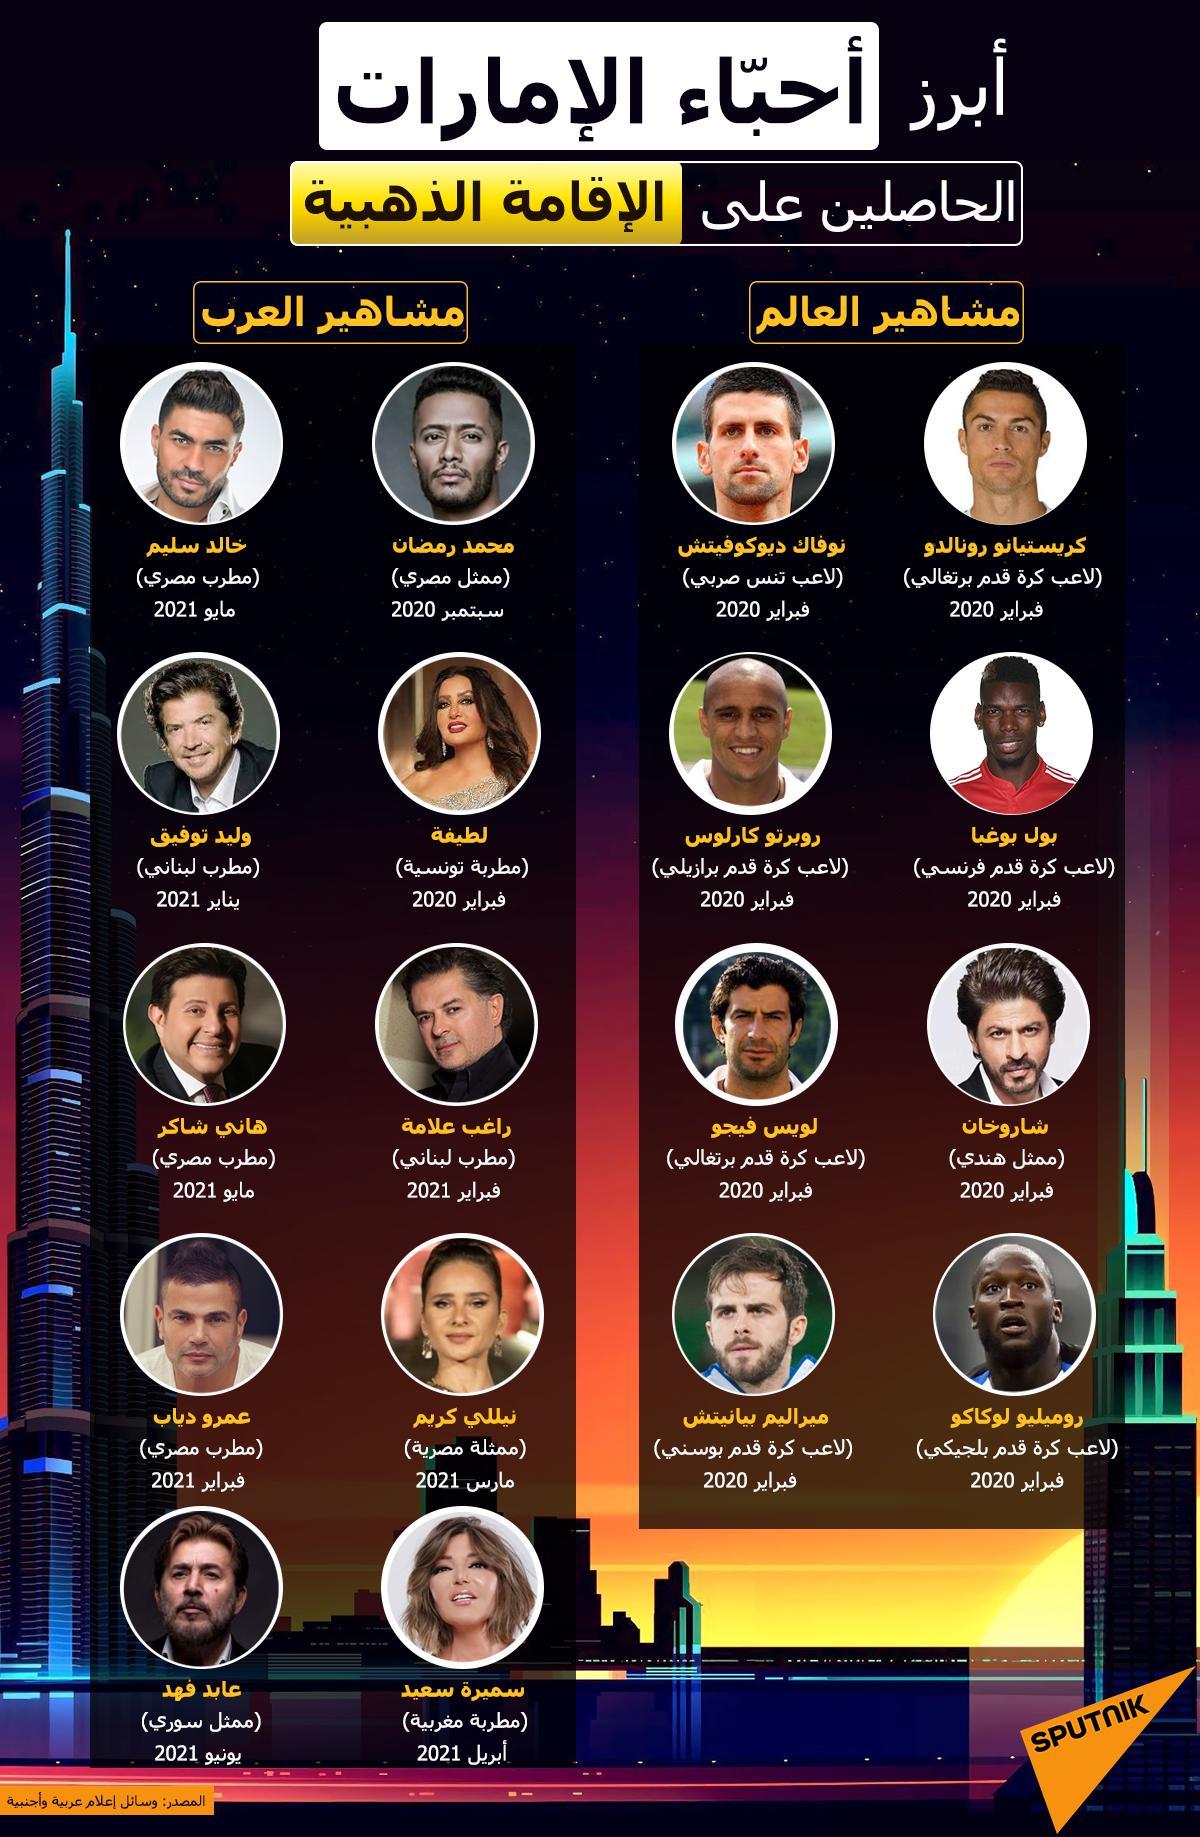 إنفوجرافيك... أبرز أحباء الإمارات الحاصلين على الإقامة الذهبية